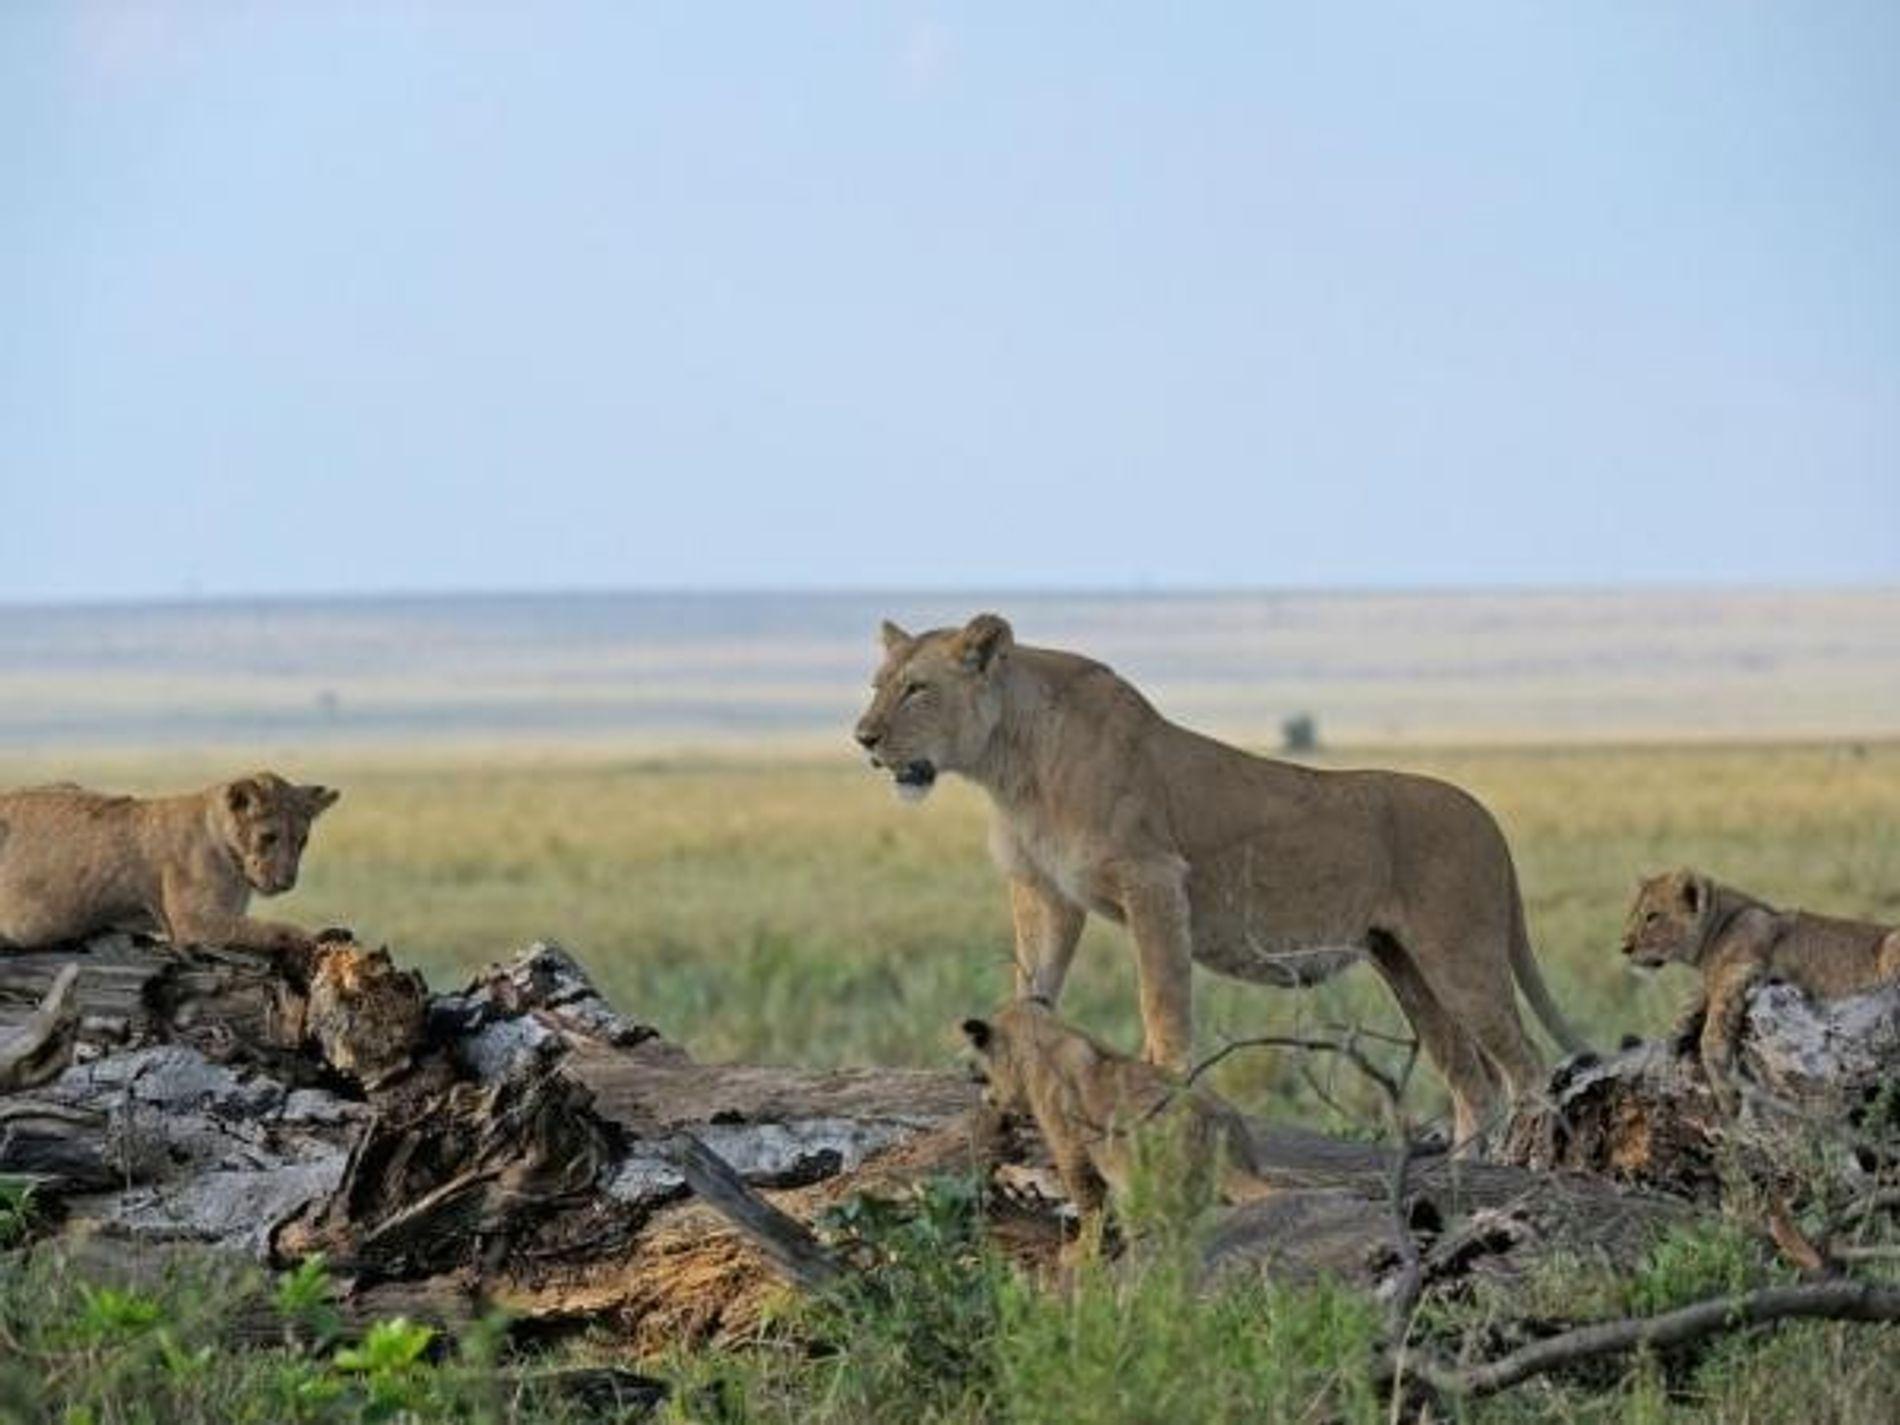 Parte de la familia Marsh Pride en la reserva de Masai Mara, Kenia.